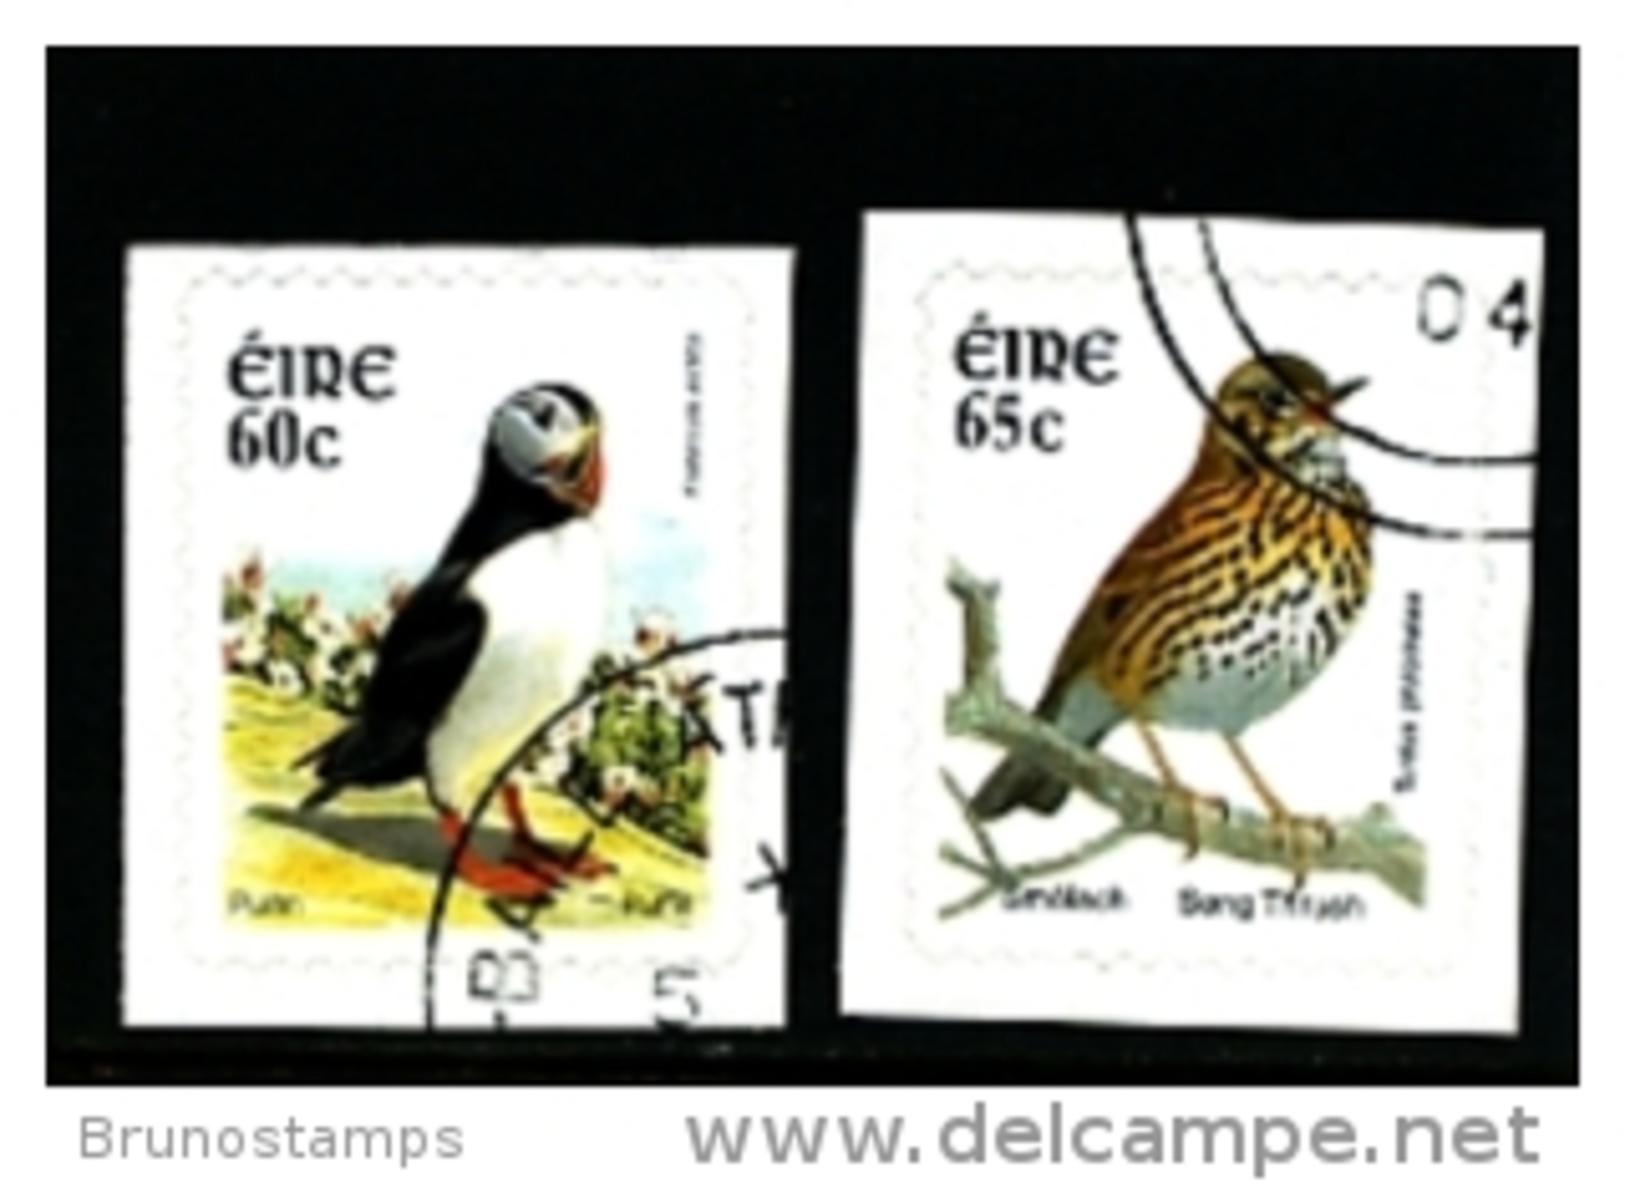 IRELAND/EIRE - 2004  BIRDS (60c. + 65c.)  SELF  ADHESIVE  SET  FINE USED - Usati